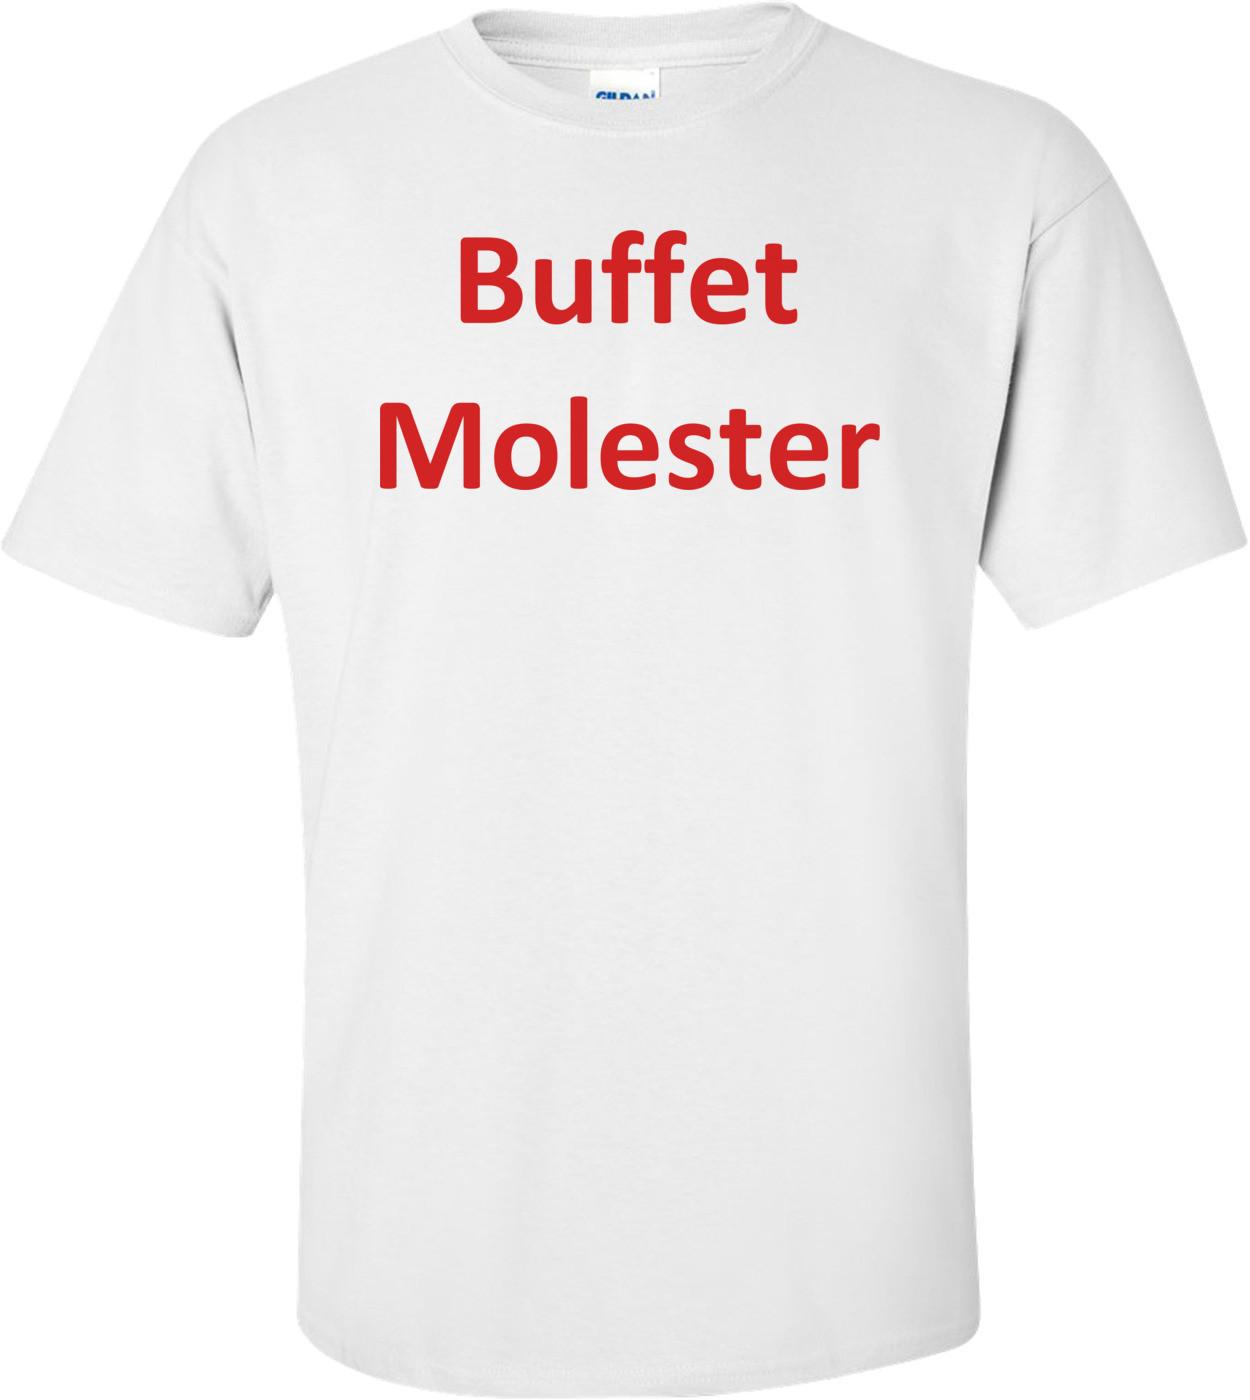 Buffet Molester Shirt